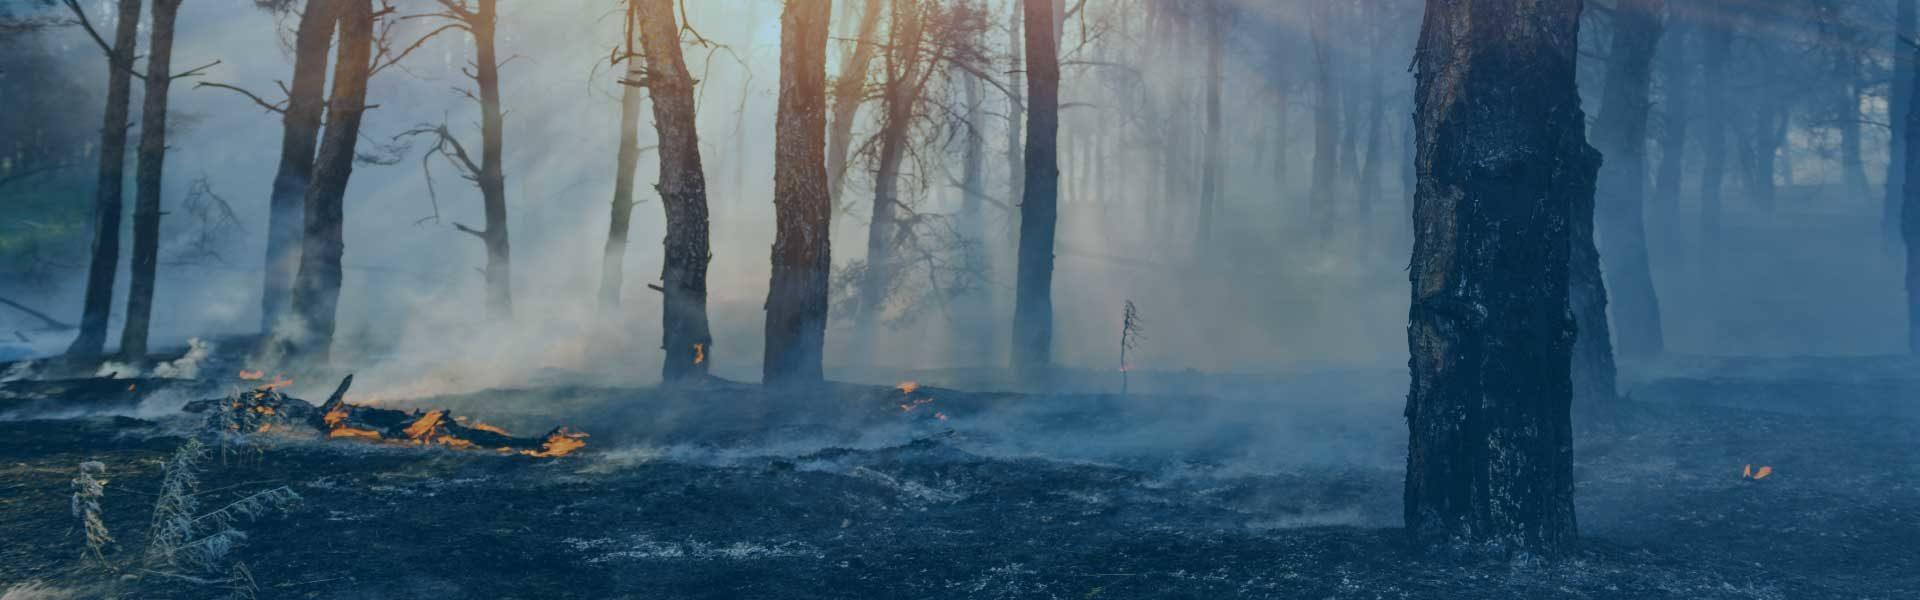 Smoke and Ash Claims